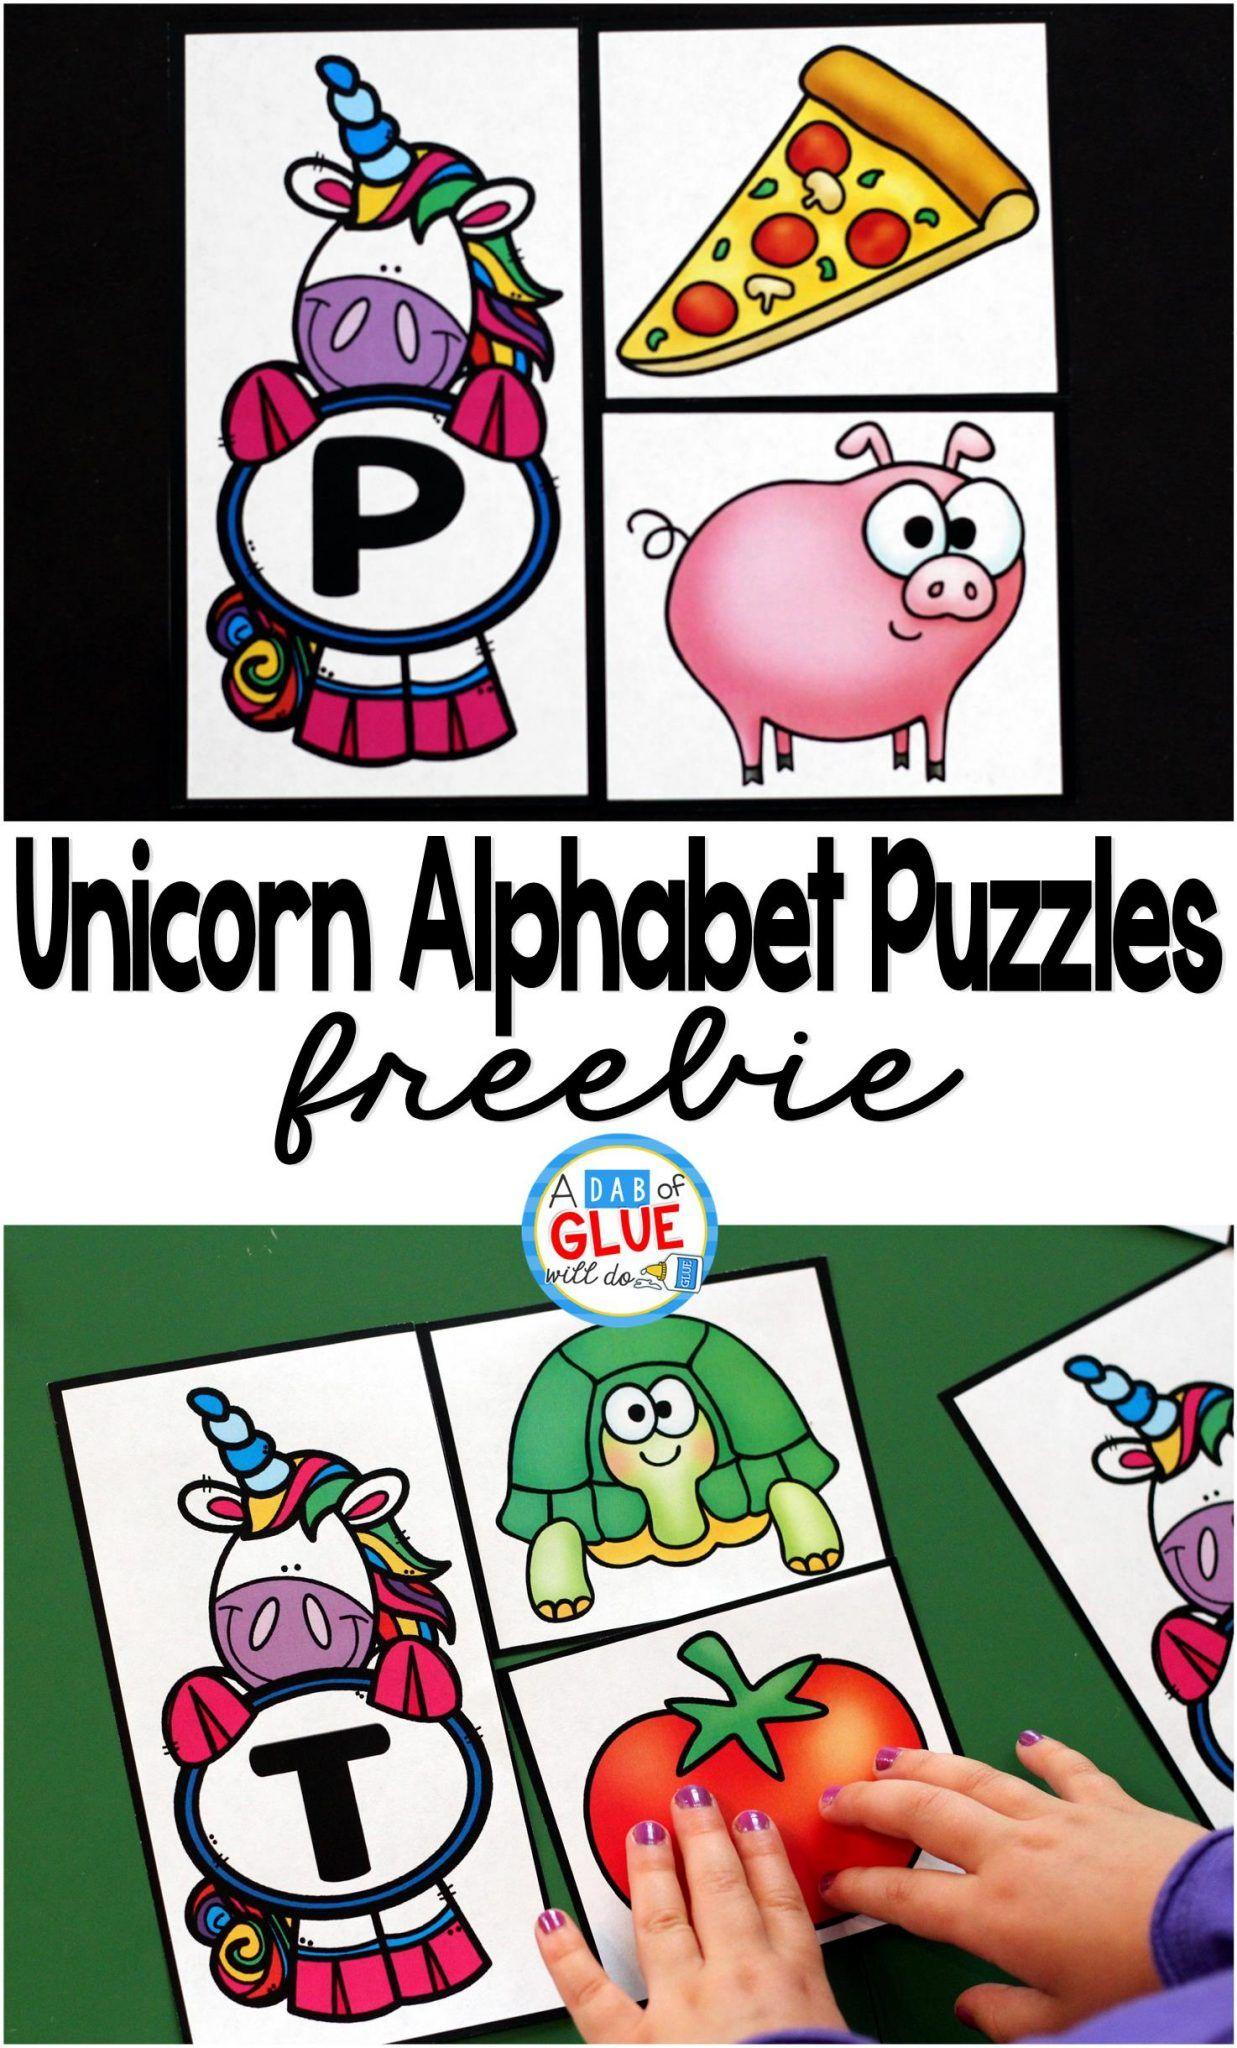 Unicorn Alphabet Puzzles